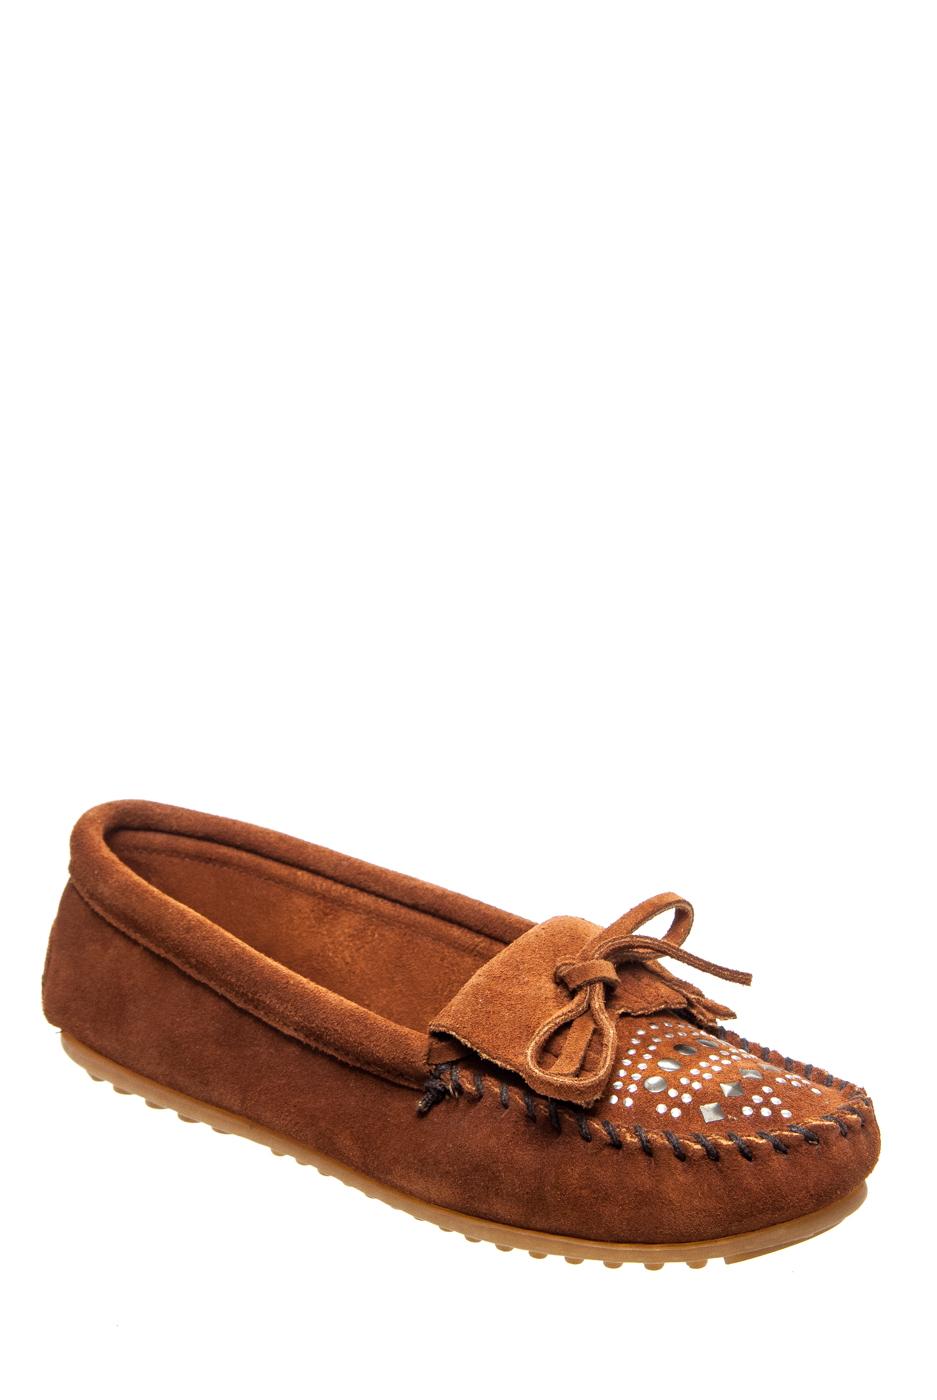 Minnetonka 502 Casual Flats Shoe